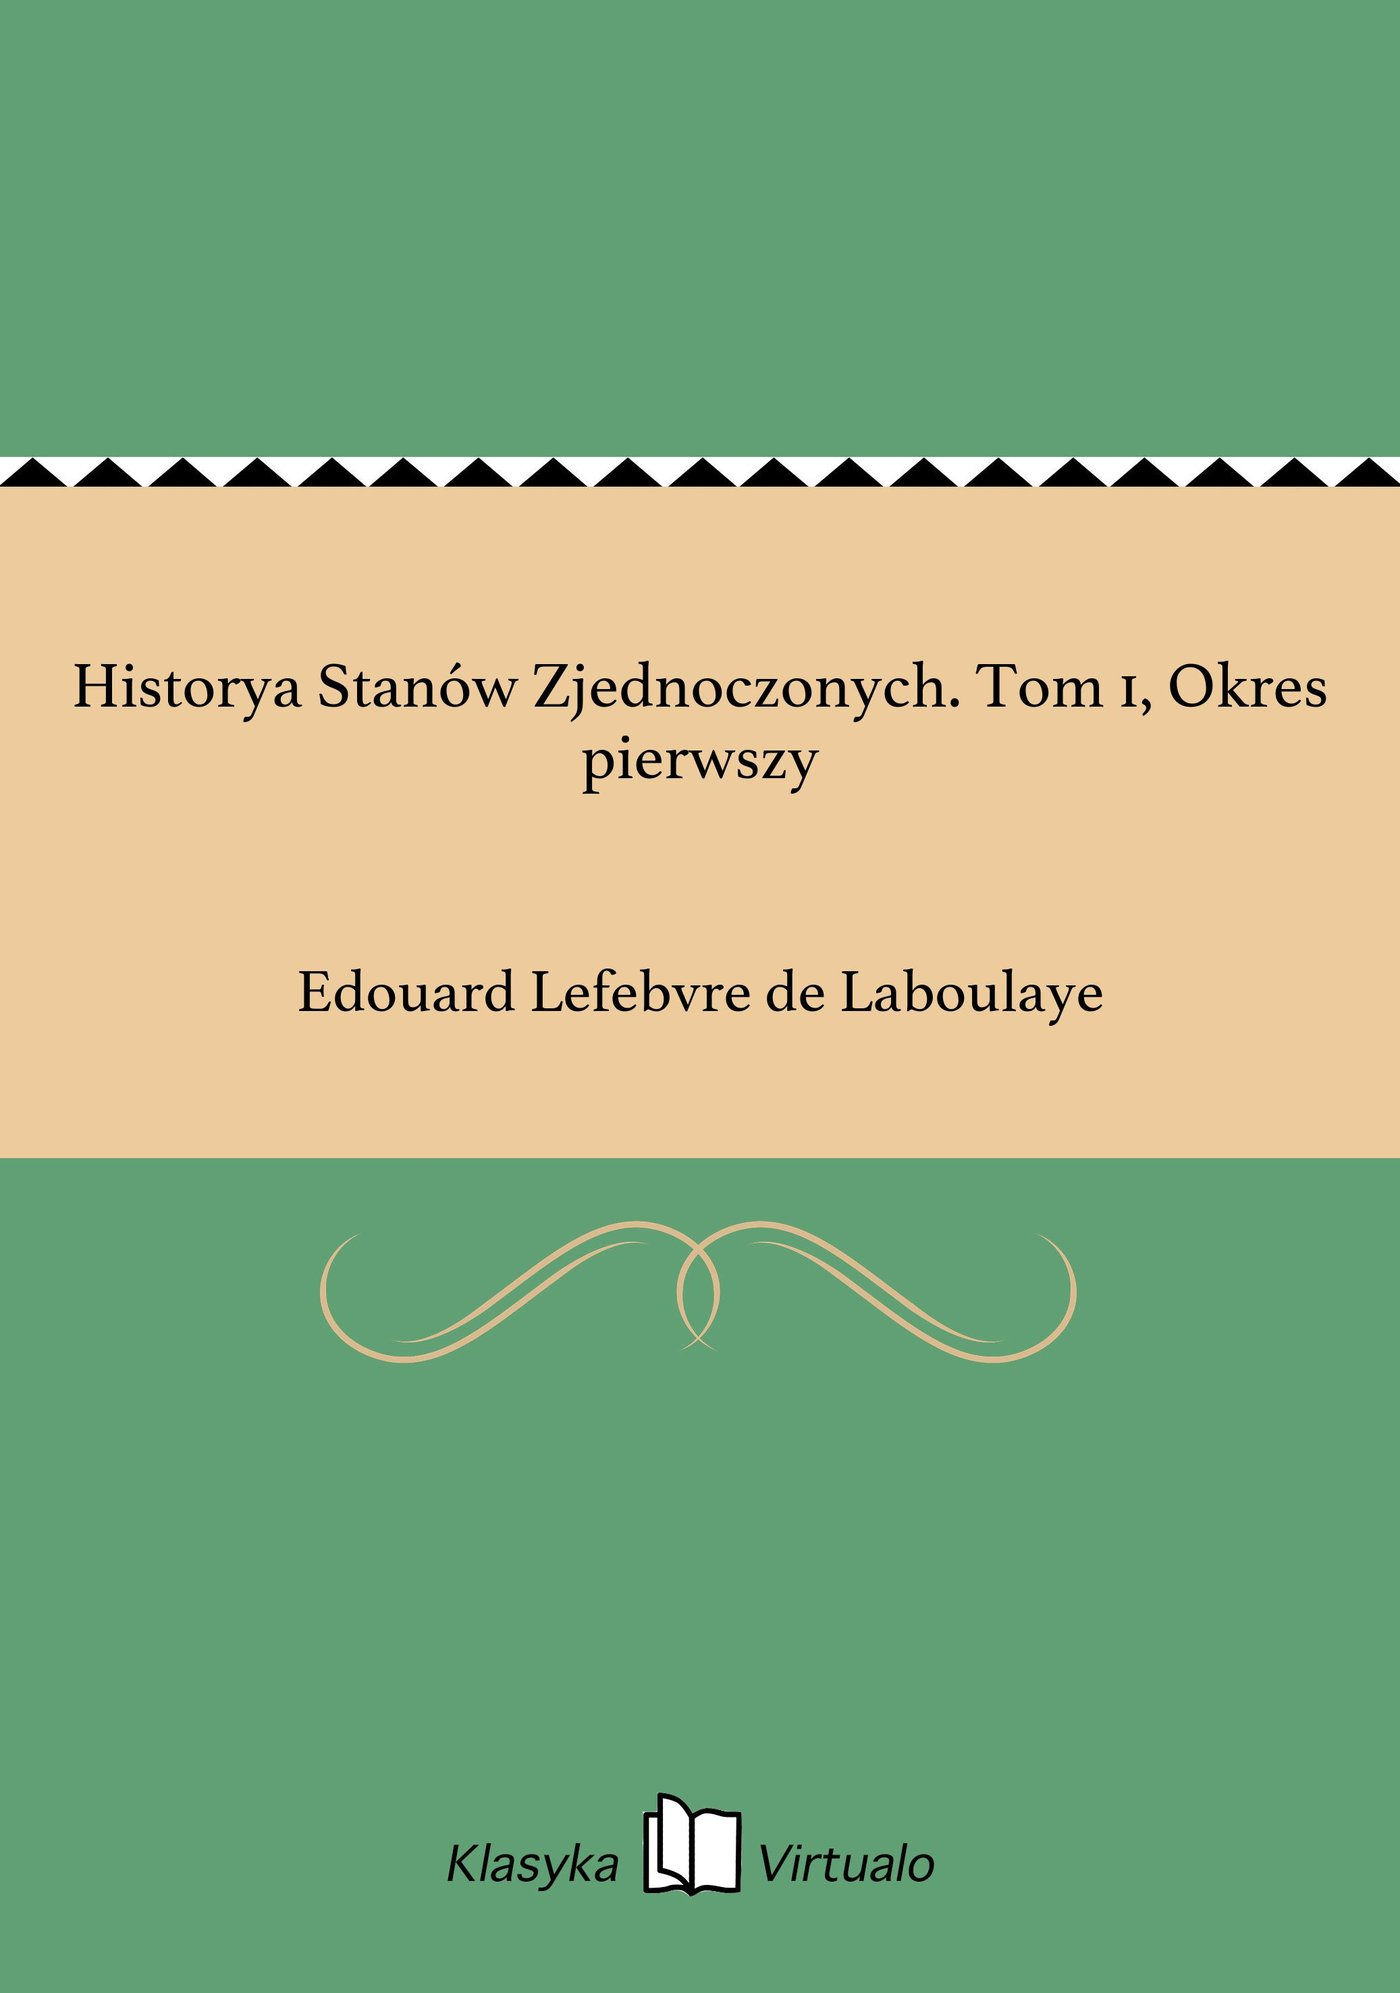 Historya Stanów Zjednoczonych. Tom 1, Okres pierwszy - Ebook (Książka EPUB) do pobrania w formacie EPUB